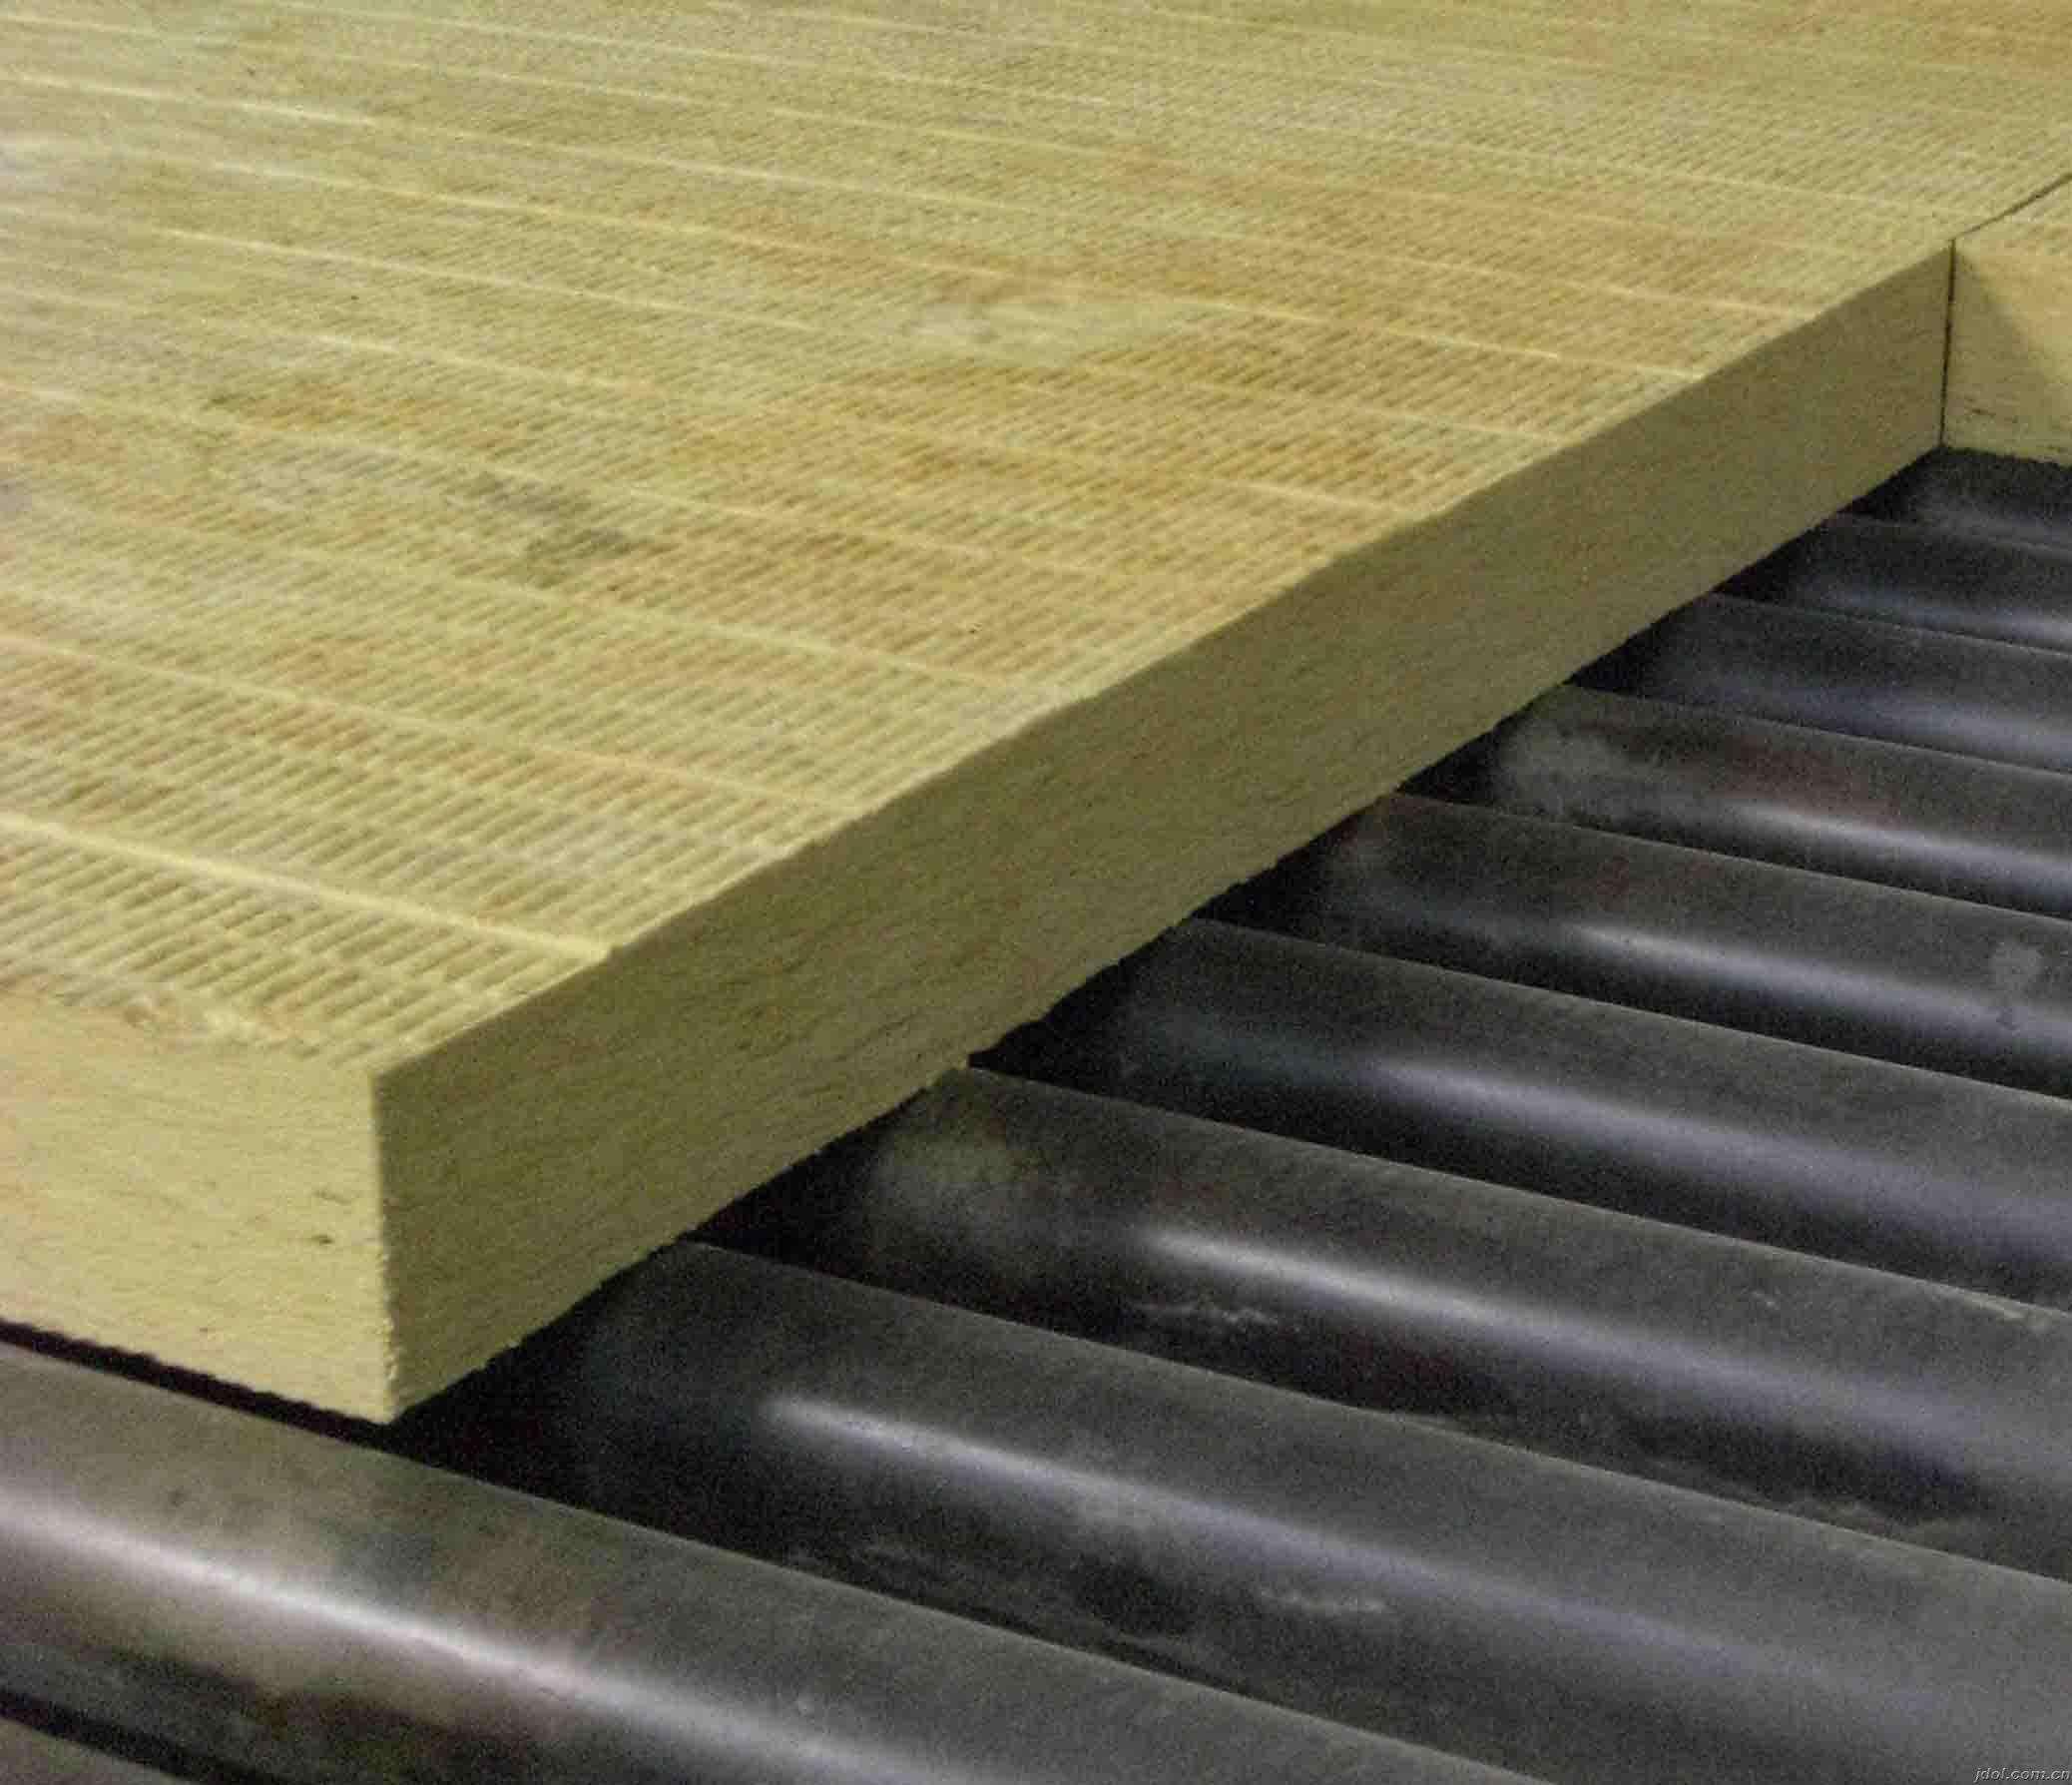 厂家直销隔热材料防复合火岩棉板 A级玄武岩棉板 高密外墙岩棉保温版